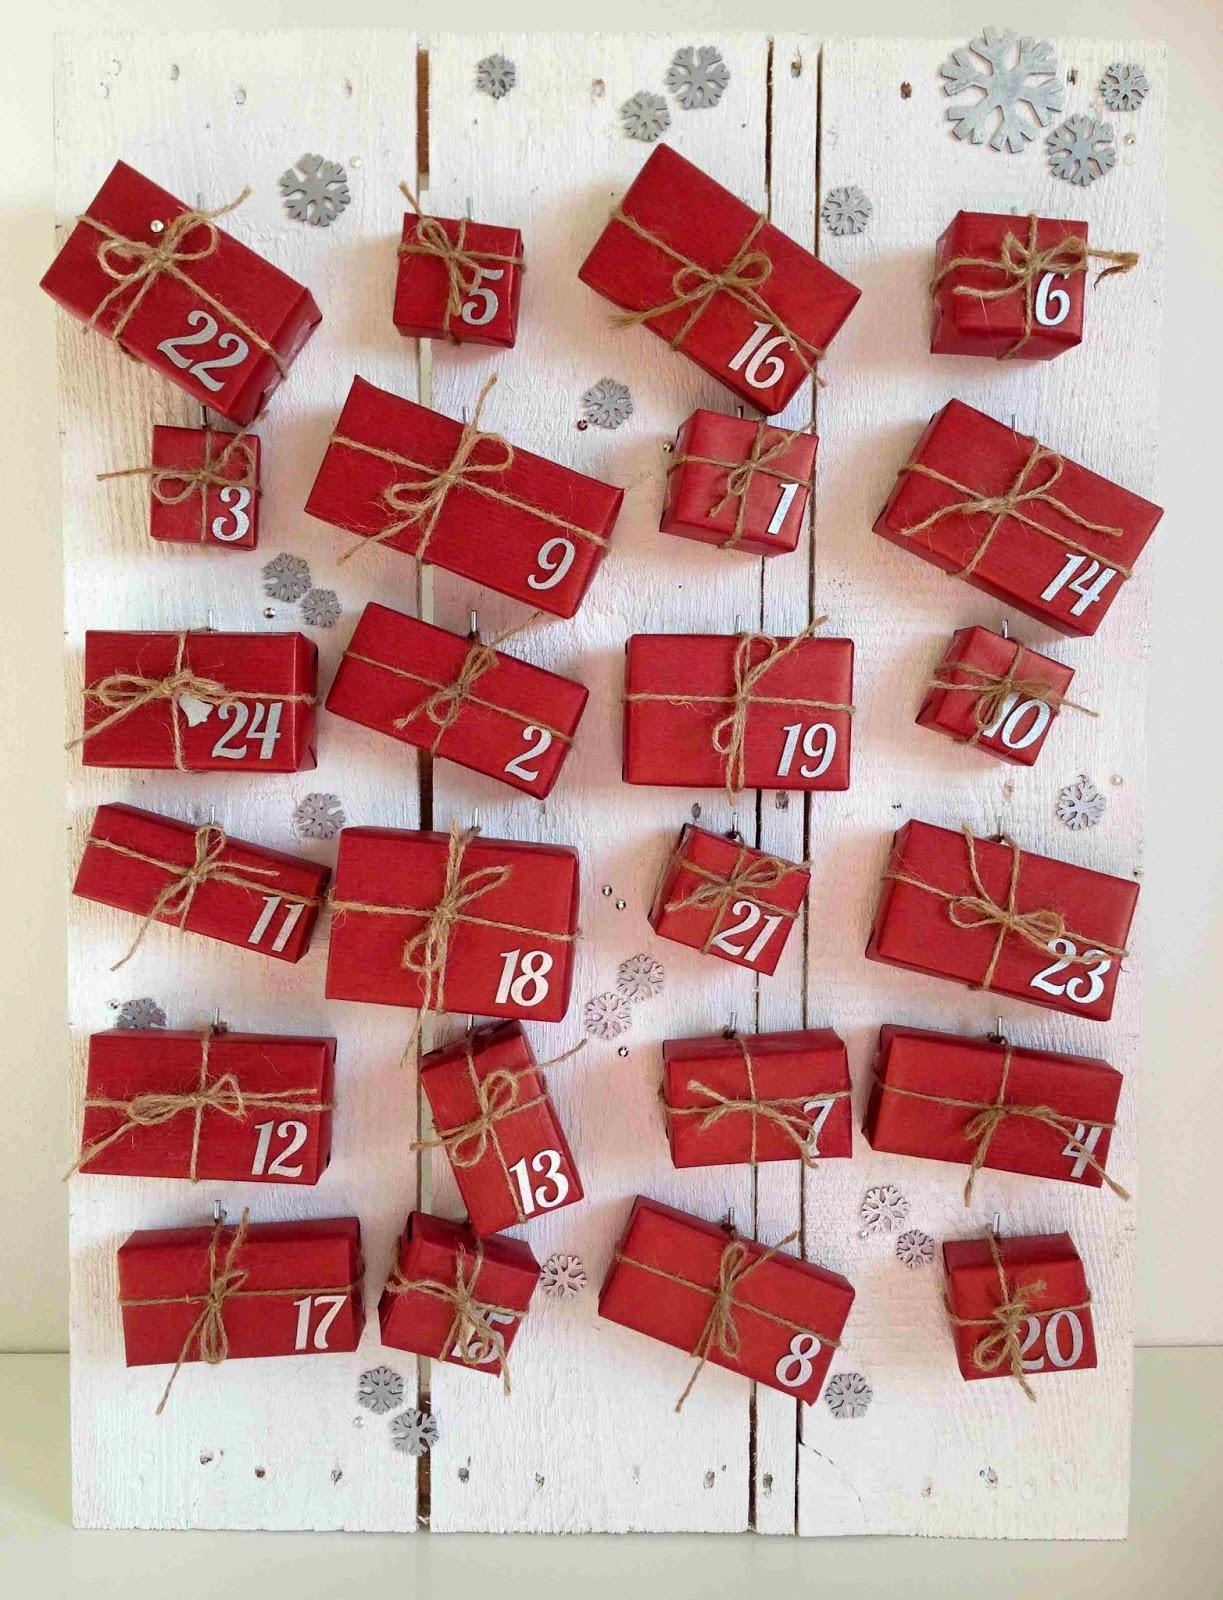 adventni kalendar KETA: Adventní kalendář 1 adventni kalendar